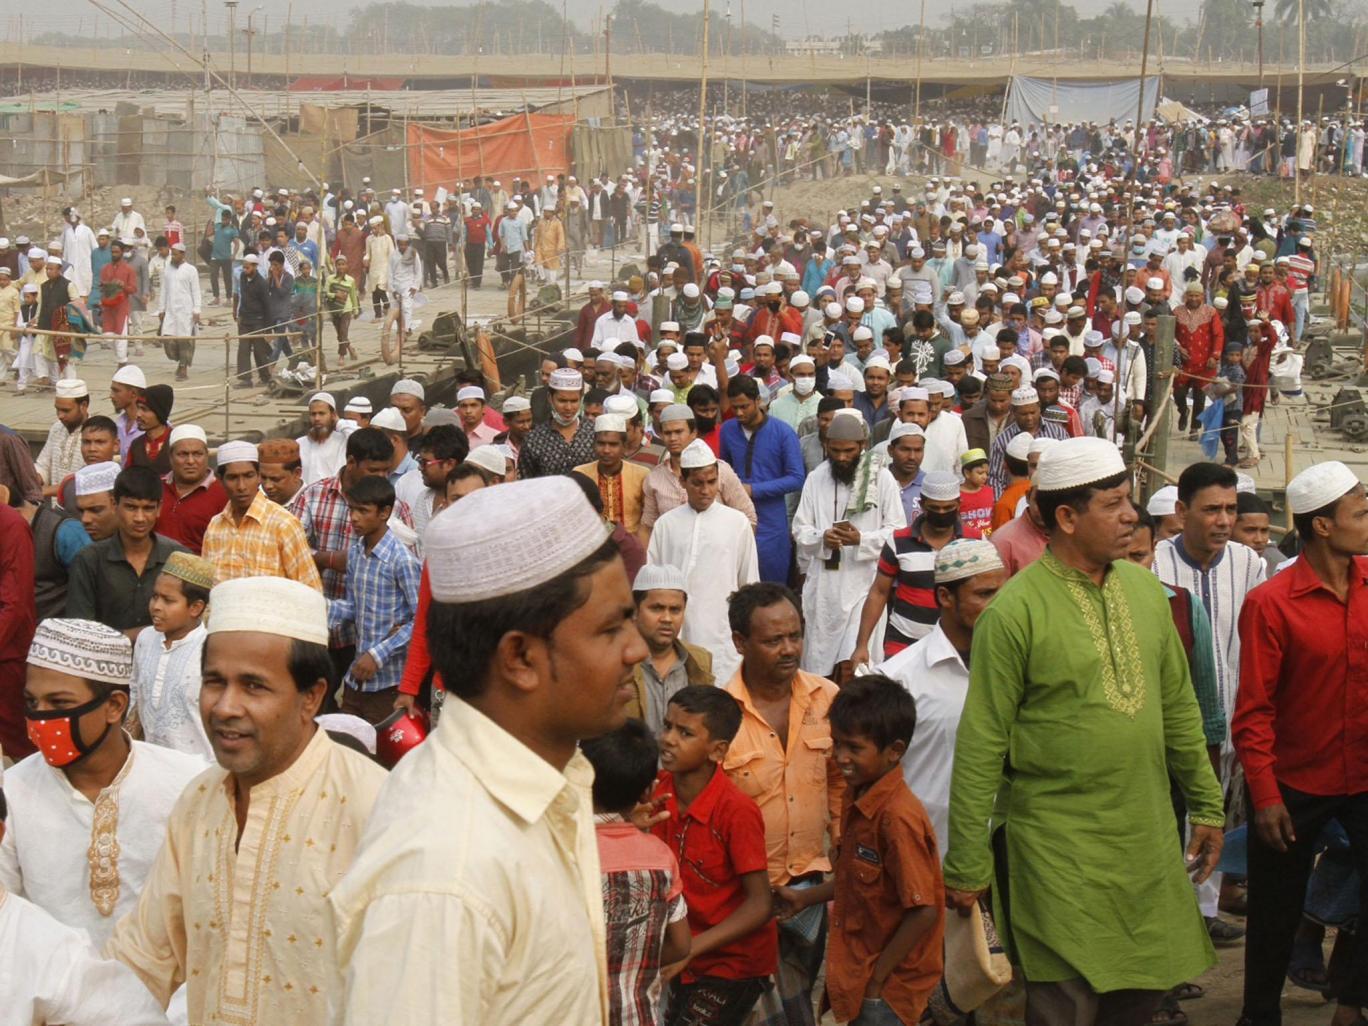 bangladesh-muslims